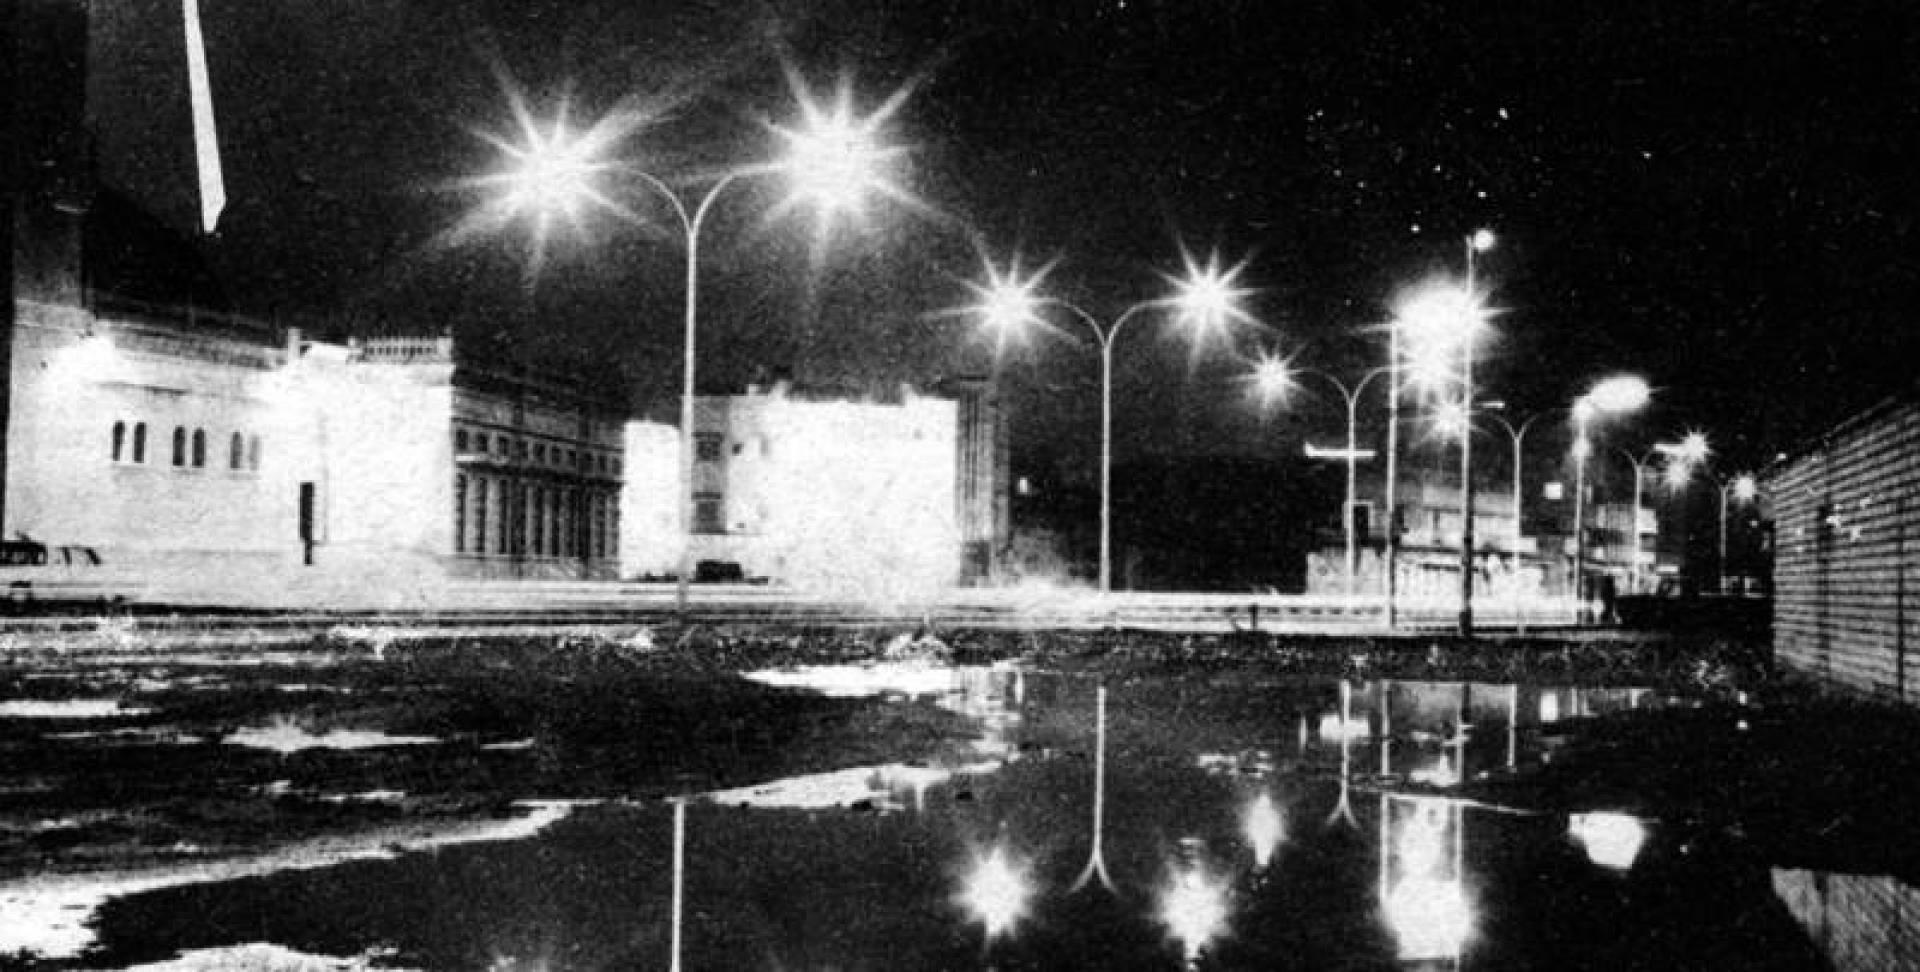 عدد من السيول وقد انعكست الأضواء عليها فبدت كالبحيرات الصغيرة التي تتلالأ بالأنوار.. أرشيفية